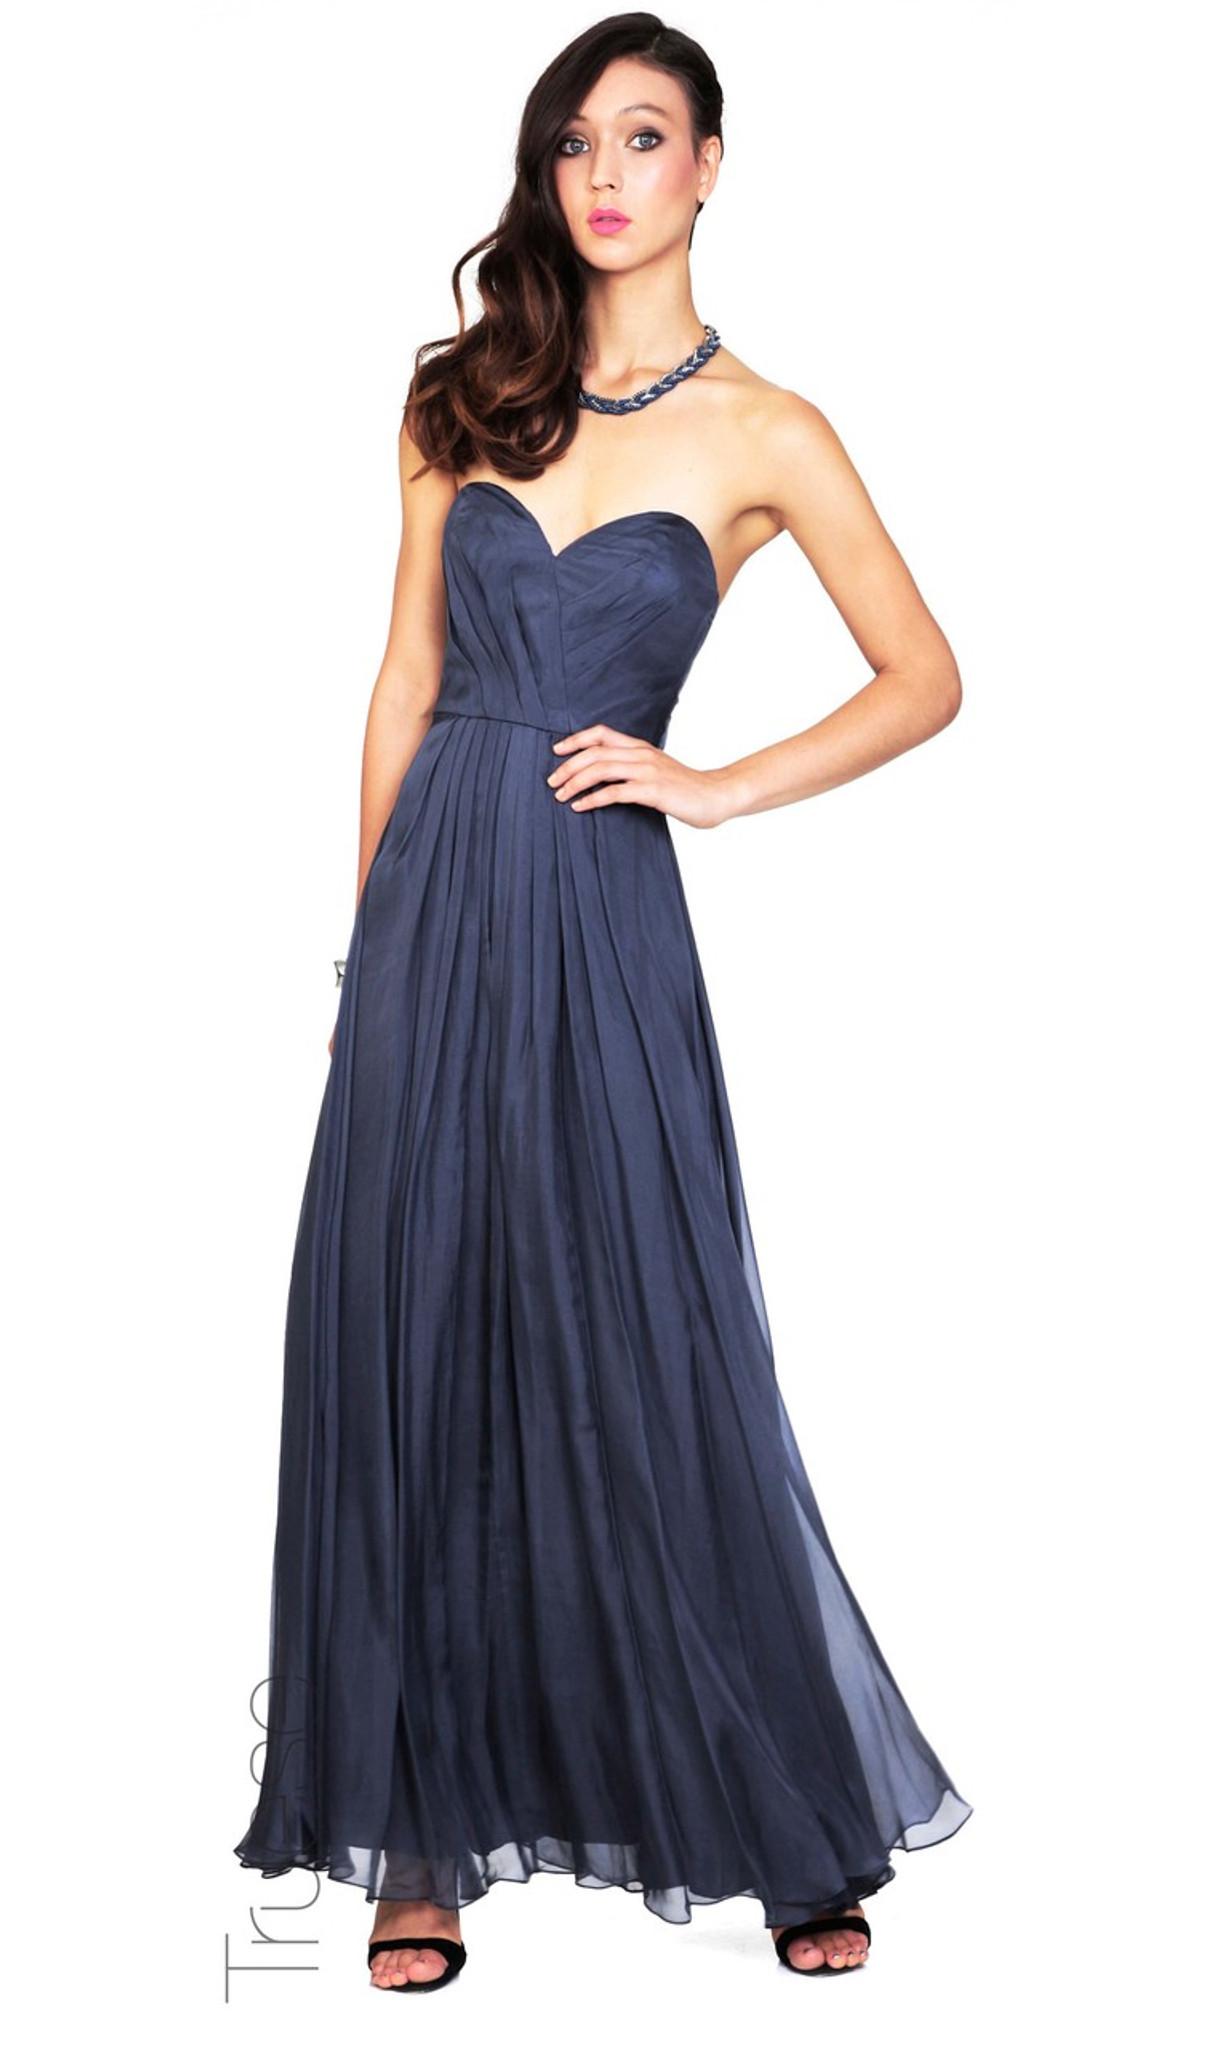 Ladies Dresses in Australia   Bella Maxi   TRUESE   WISH